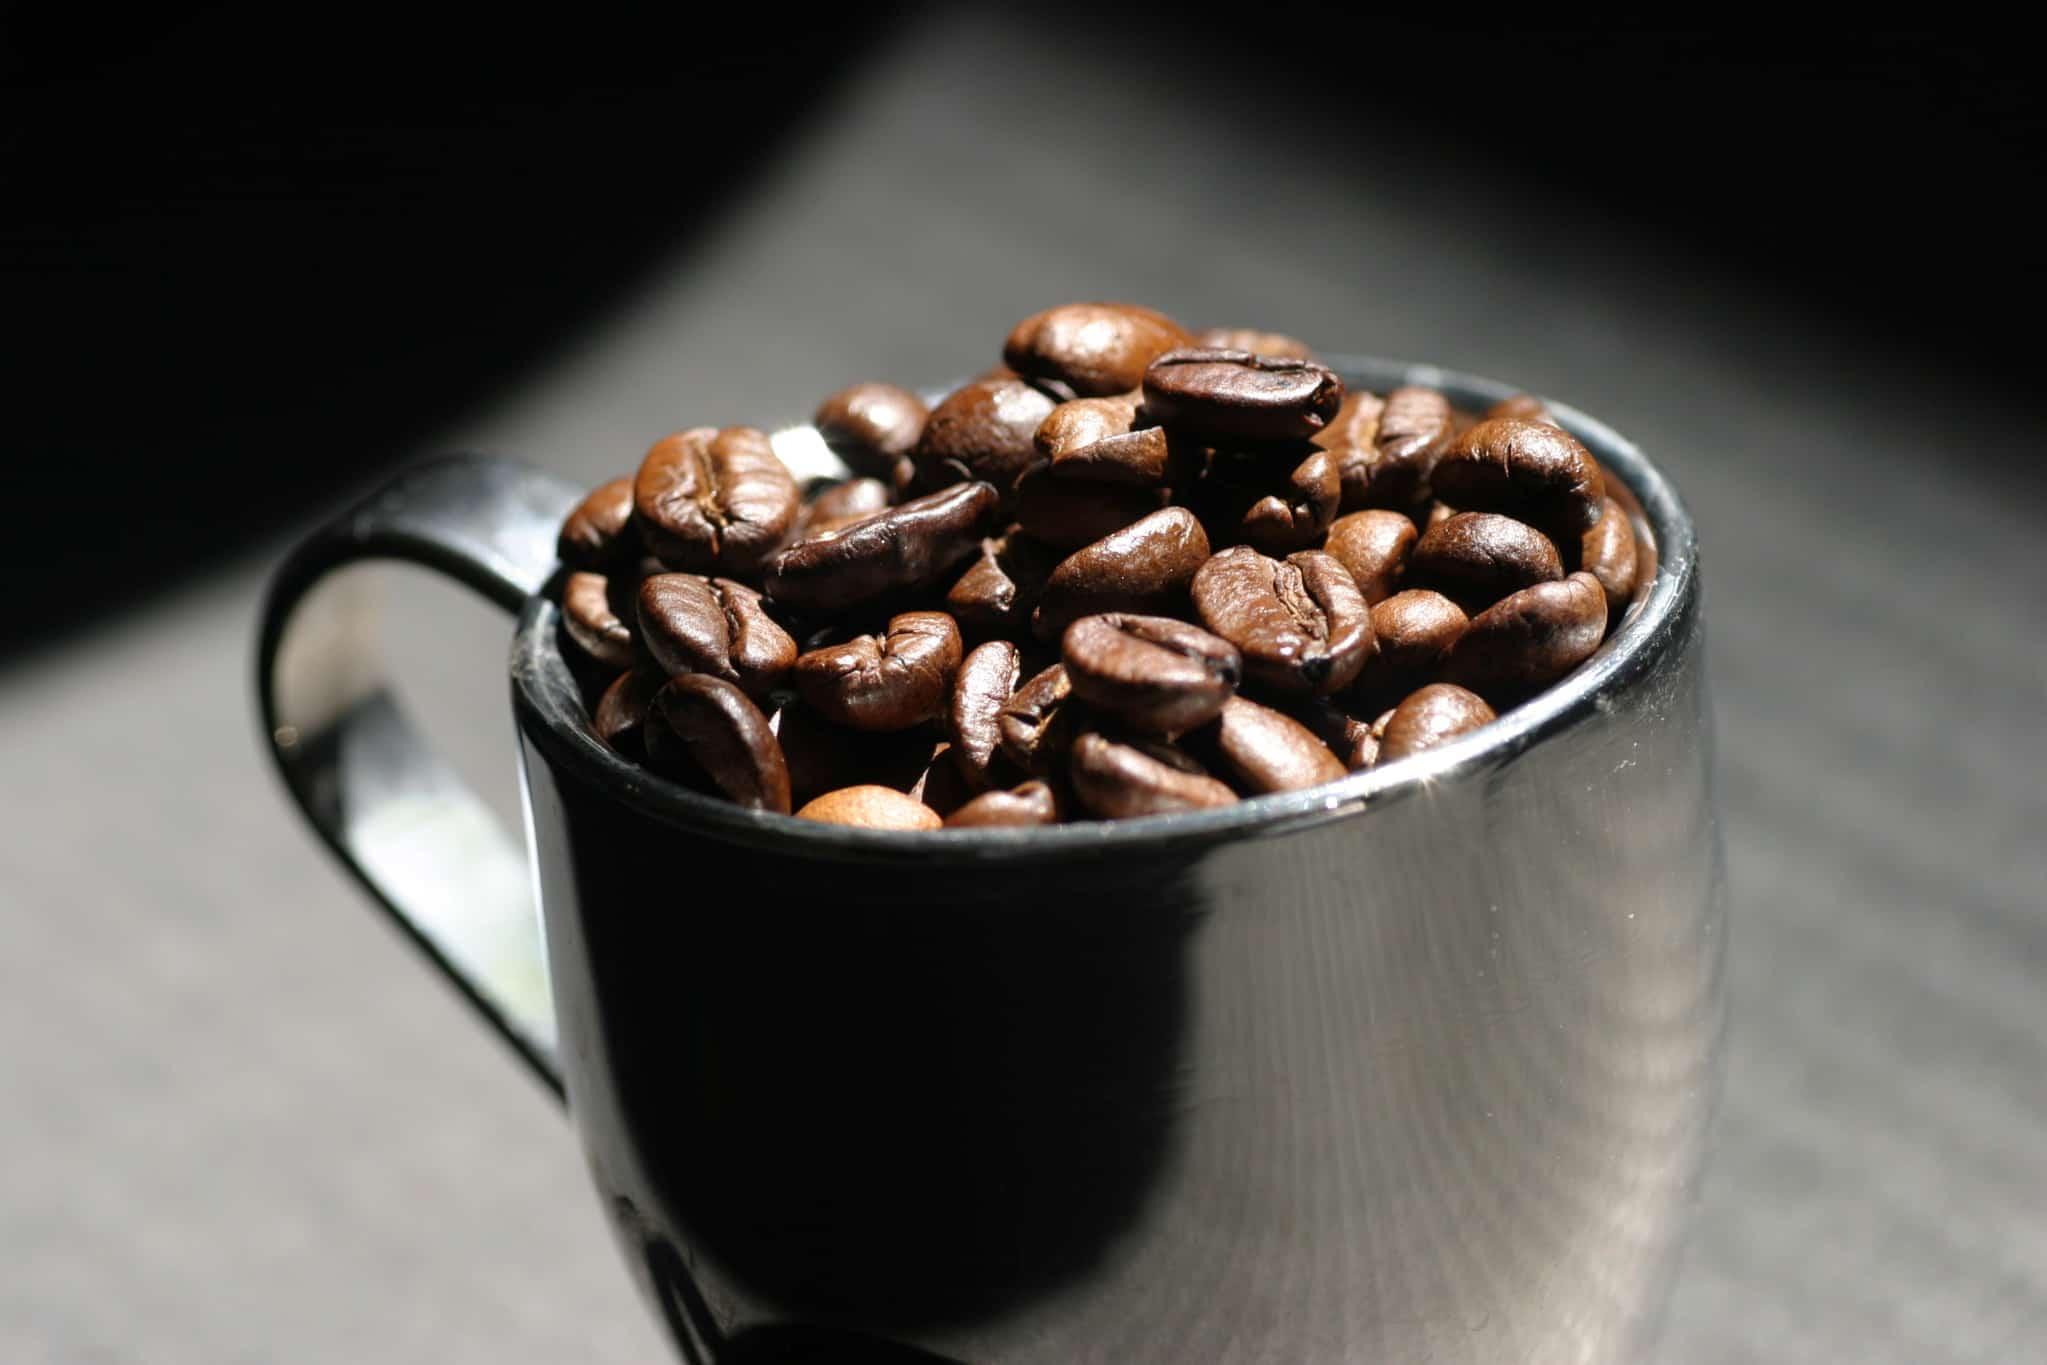 אינה 9 של יורה- מכונת הקפה המתקדמת ביותר בעולם